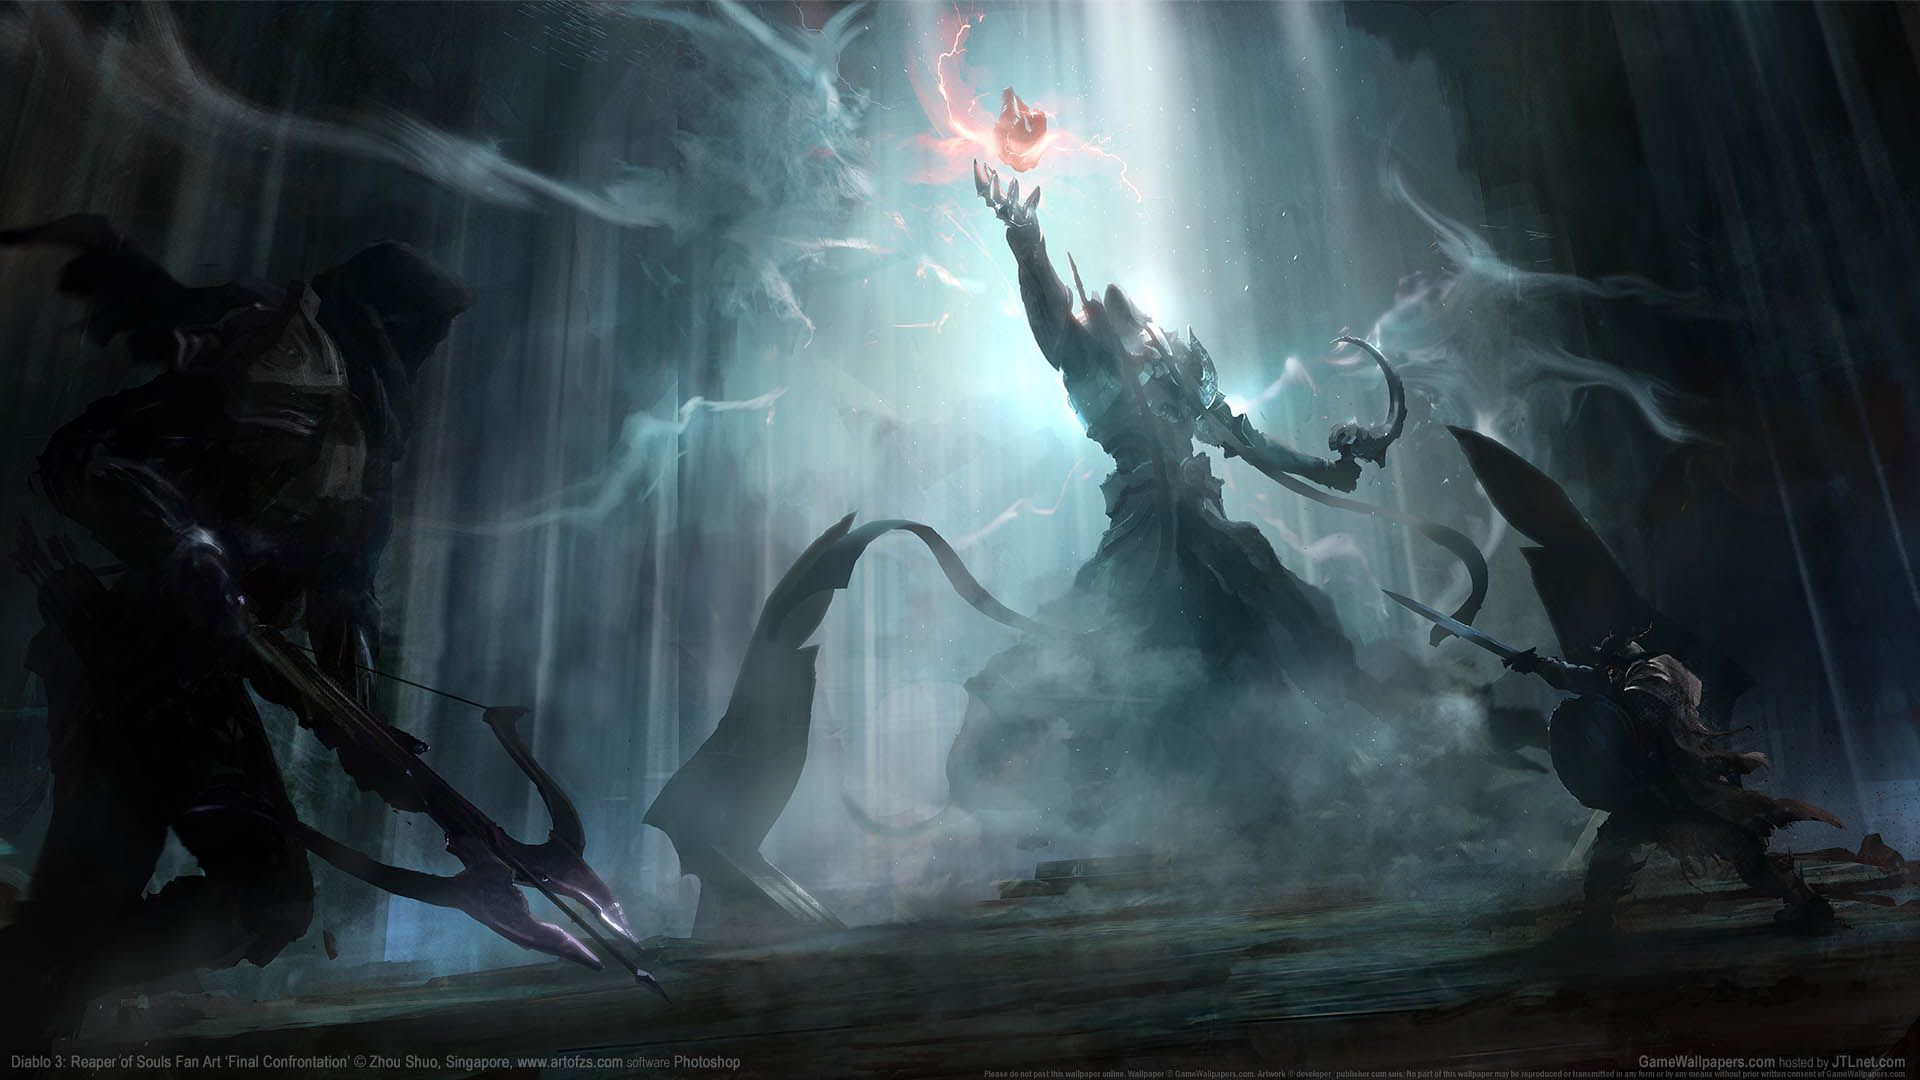 Diablo 3 Reaper Of Souls Fan Art Wallpaper 06 1920x1080 Diablo Diablo 3 Artwork Painting